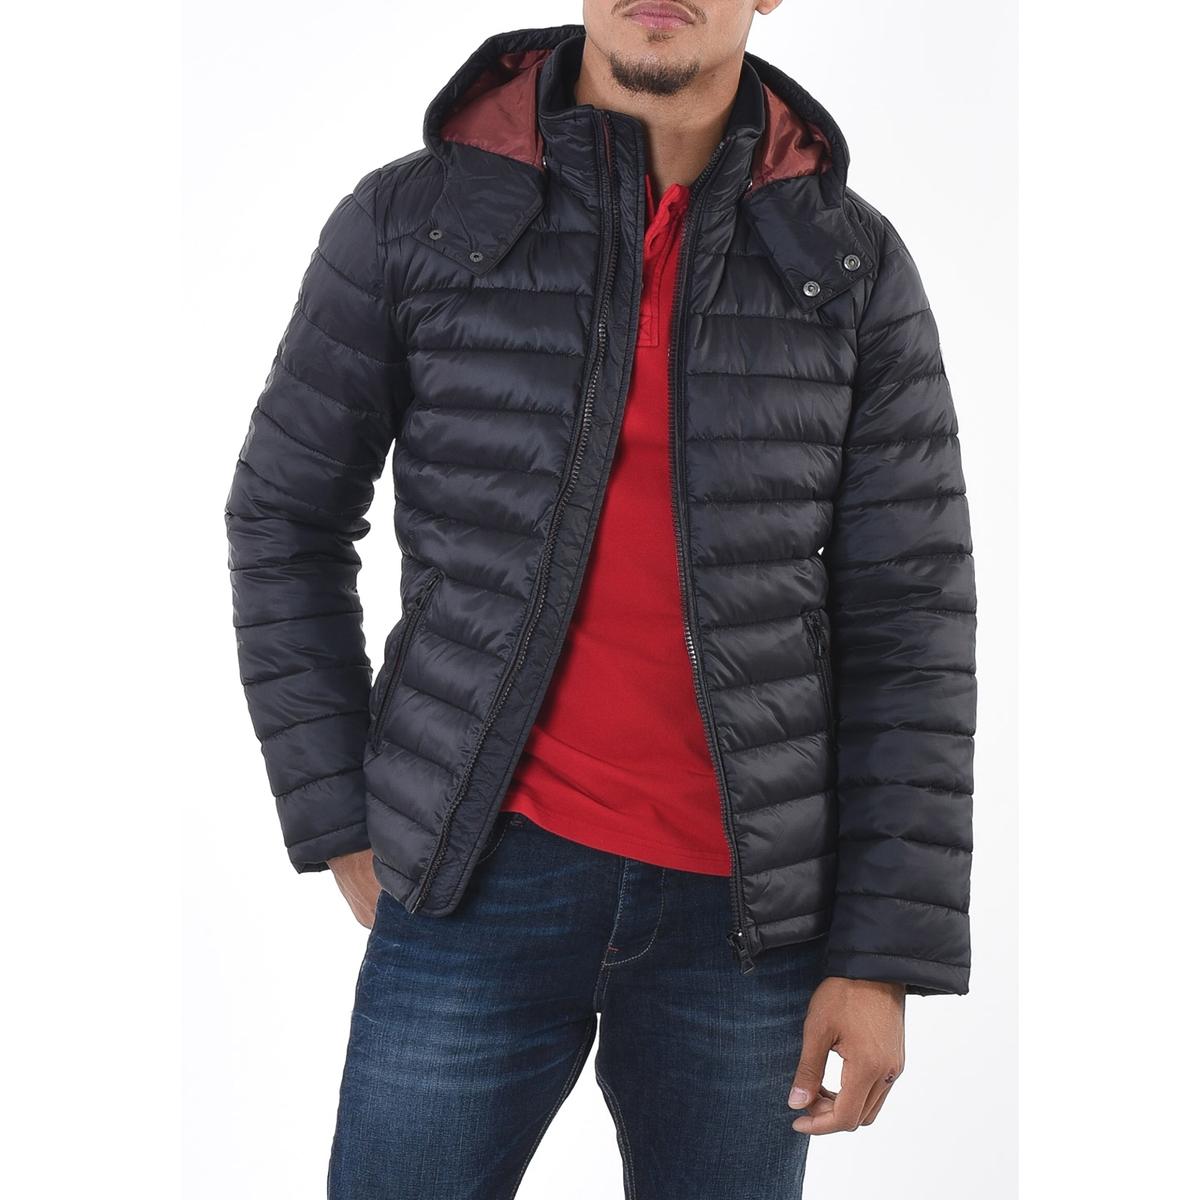 Куртка короткая демисезонная с капюшономОписание:Детали  •  Длина  : укороченная  •  Воротник-стойка •  Застежка на молнию  •  С капюшоном Состав и уход  •  100% полиамид  •  Следуйте советам по уходу, указанным на этикетке<br><br>Цвет: небесно-голубой,черный<br>Размер: M.L.XL.M